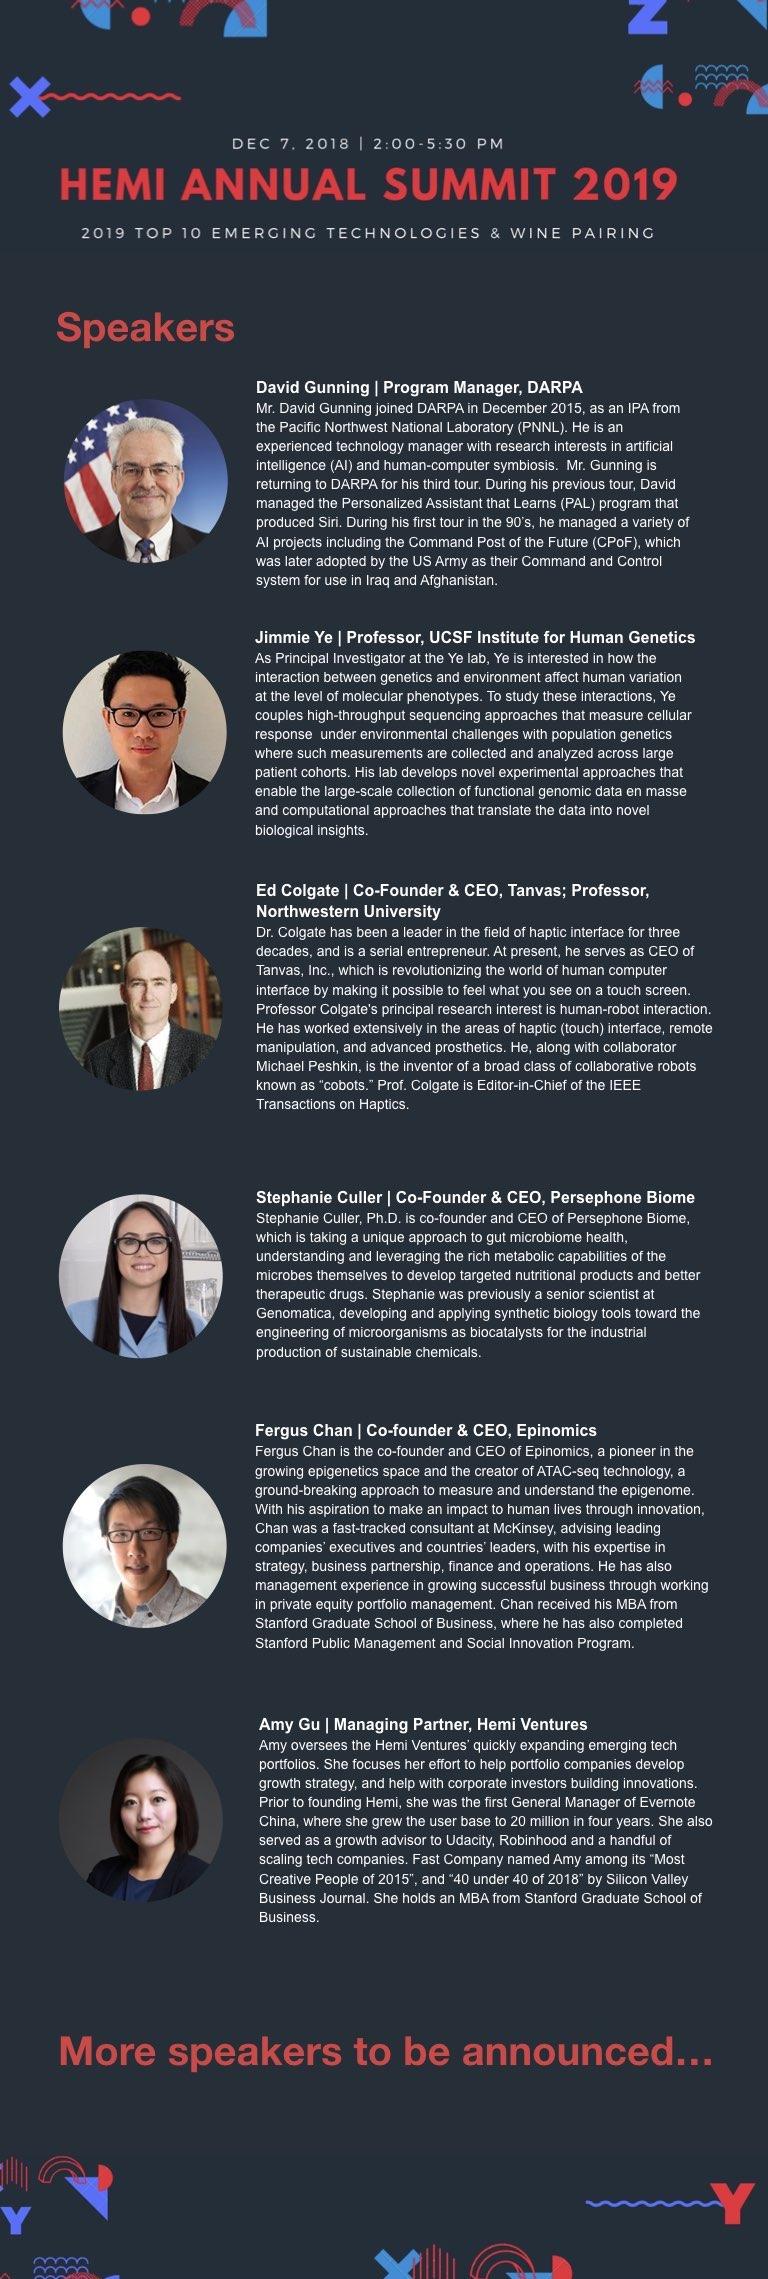 Hemi Summit 2019 Speakers